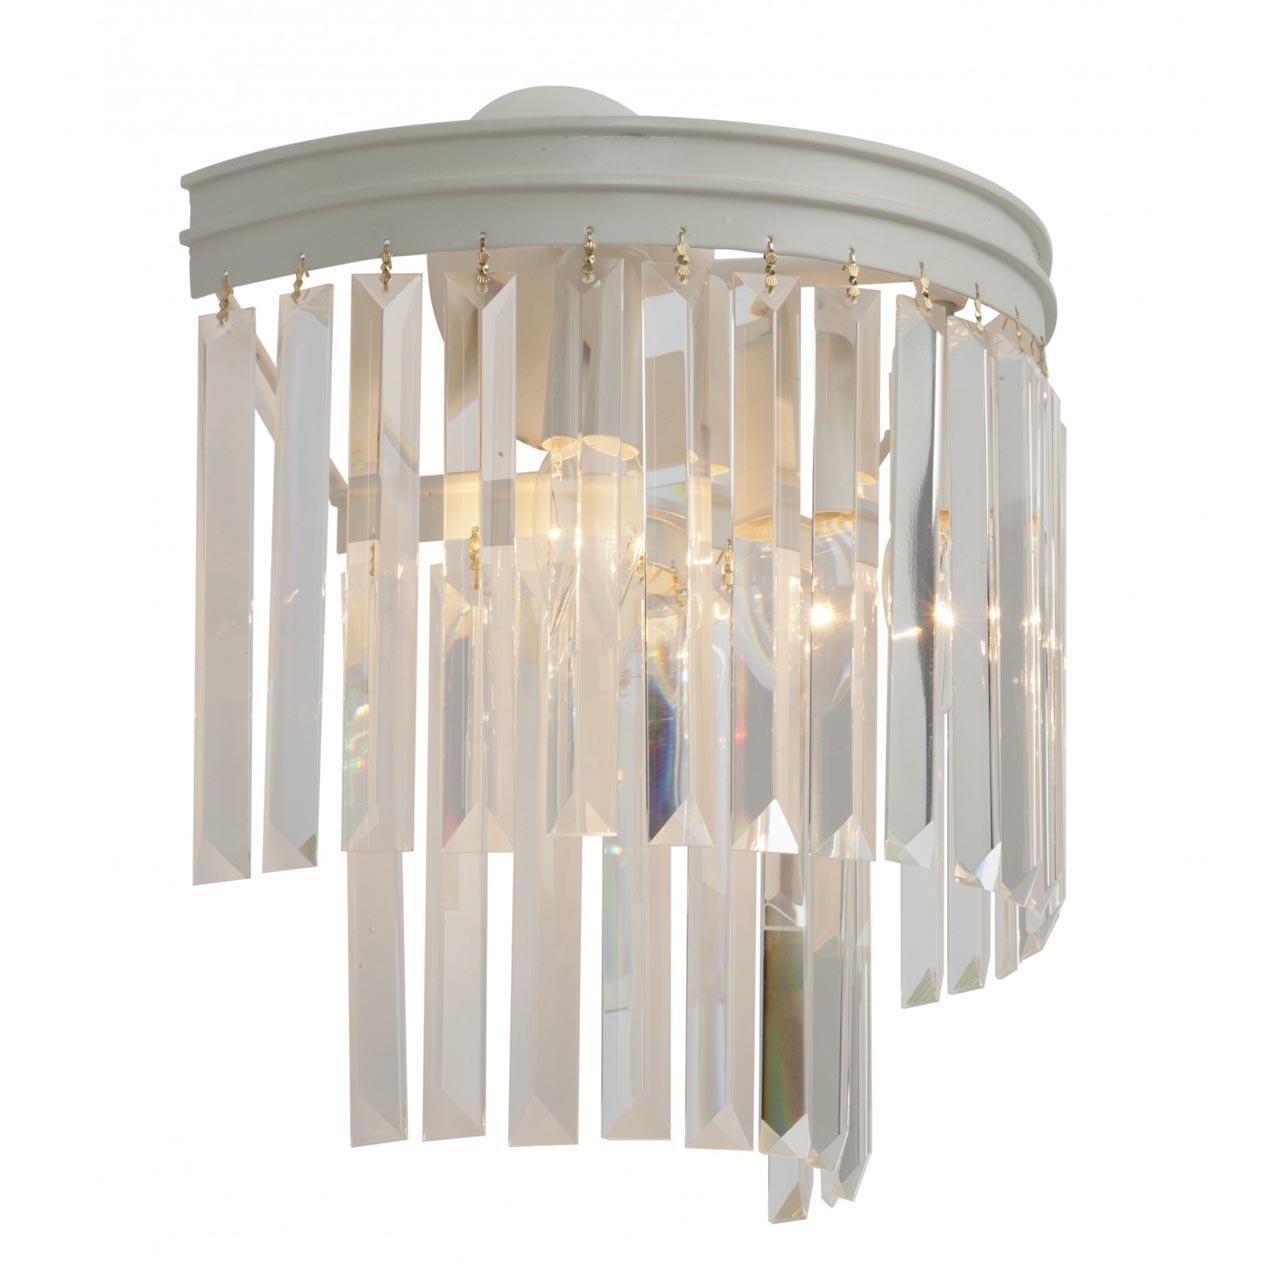 Настенный светильник Vitaluce V5150-0/3A настенное бра vitaluce premium v1803 v1803 1 3a